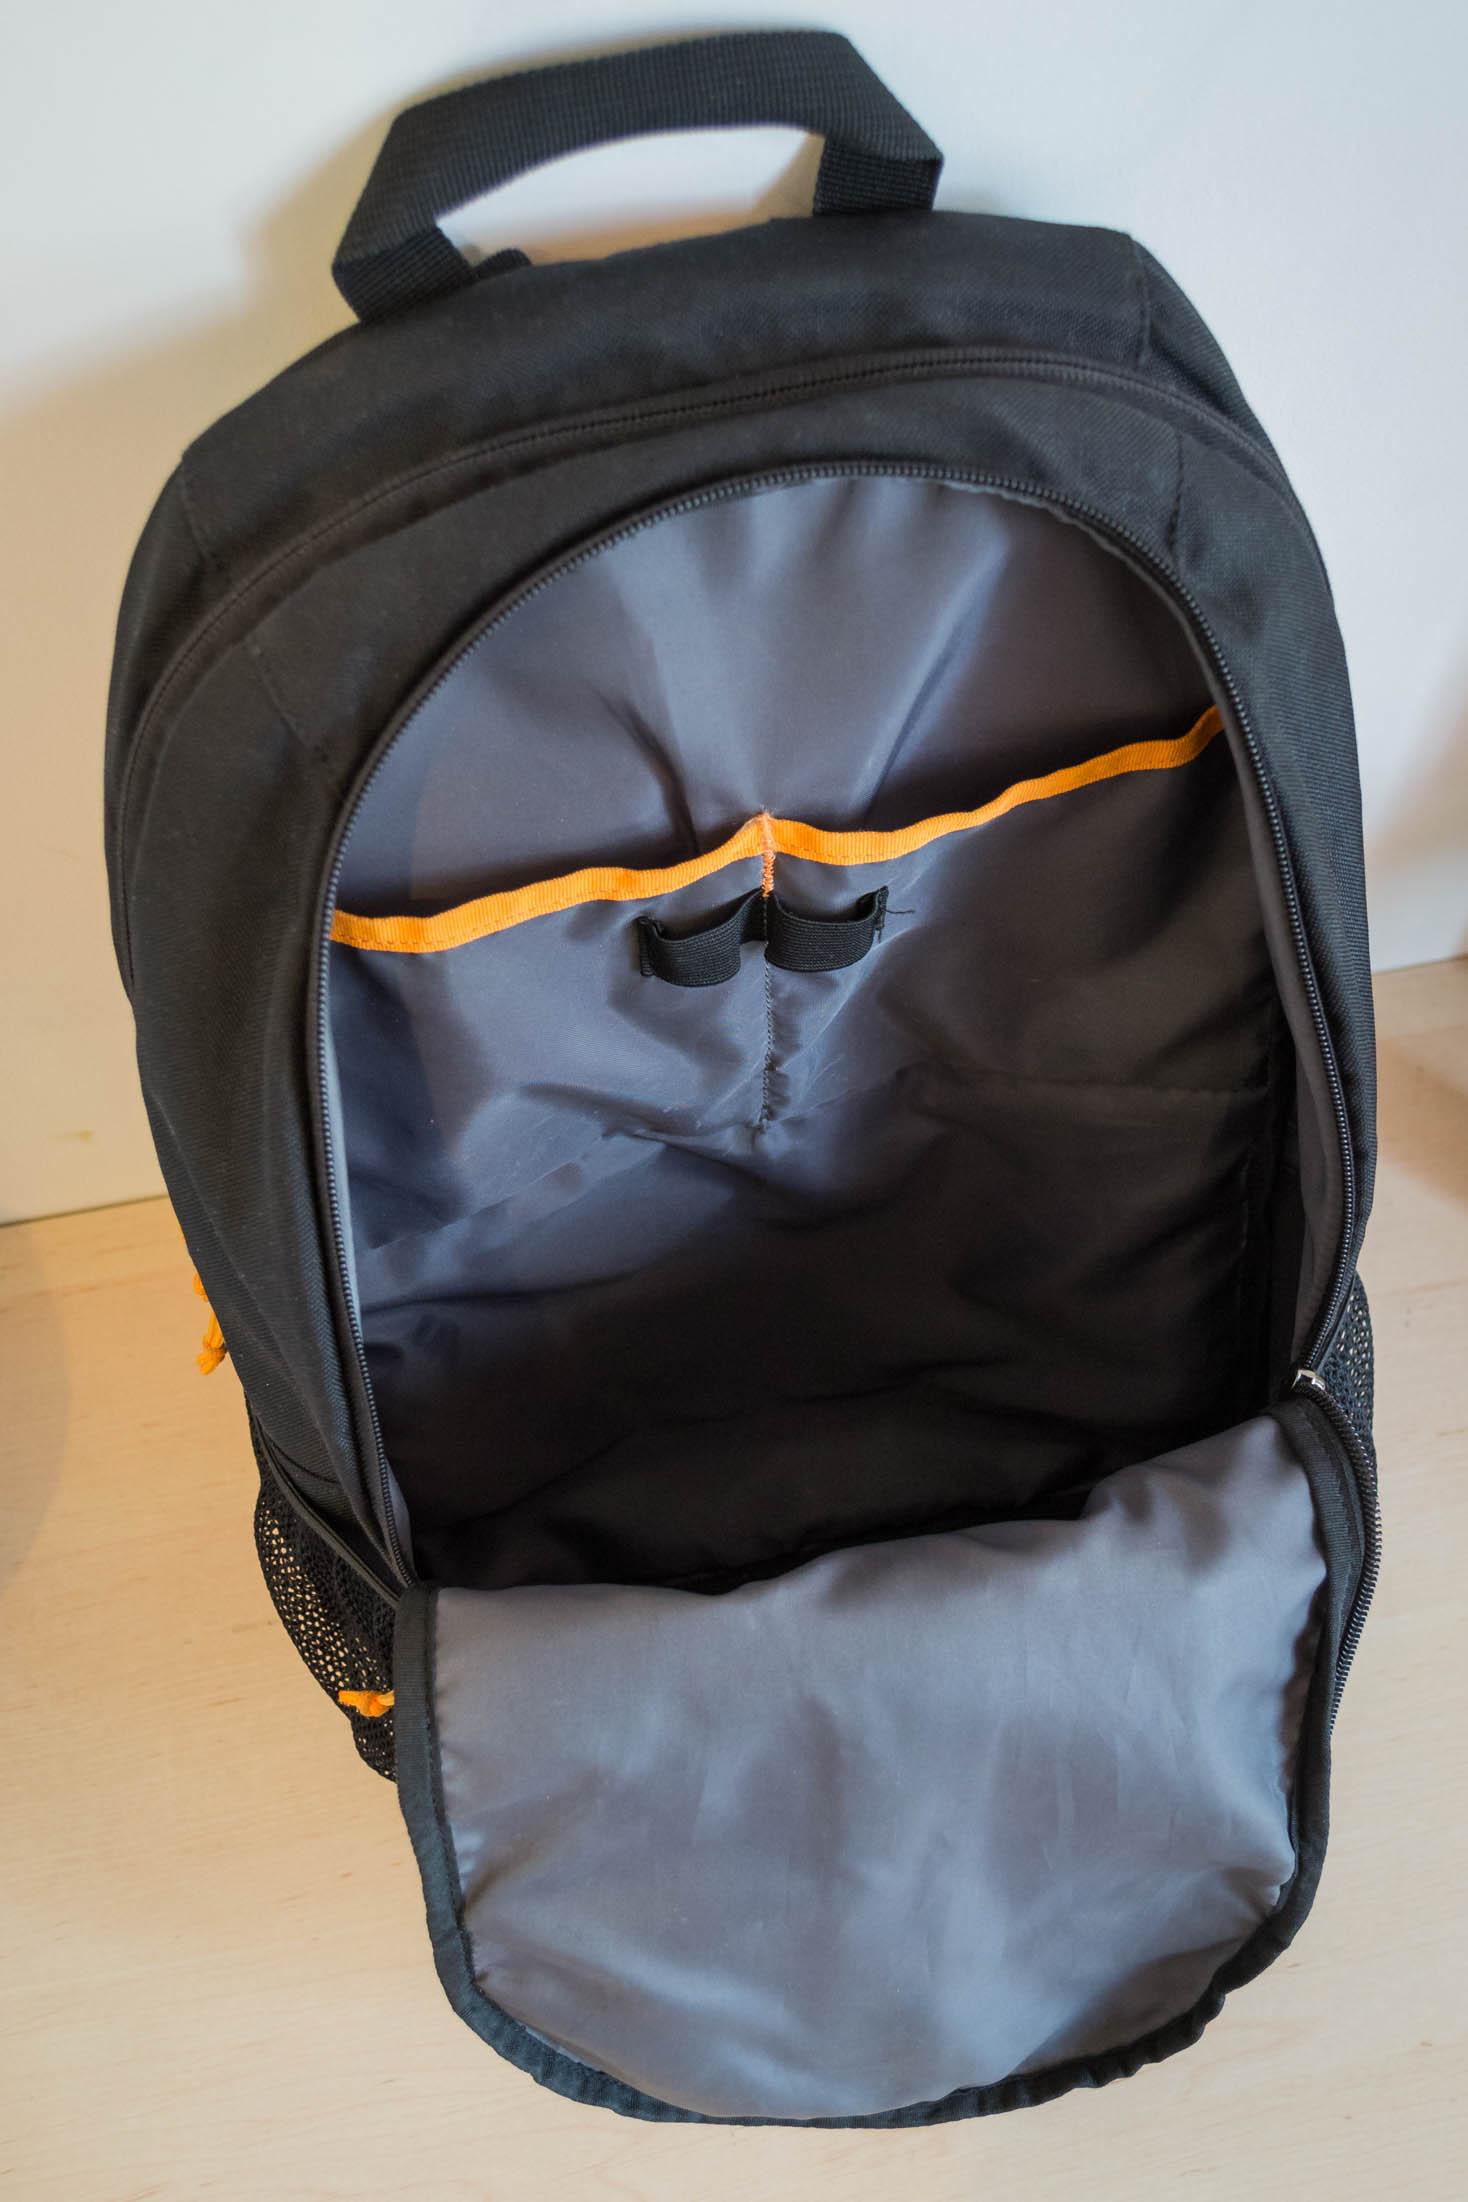 1er compartiment du sac assez volumineux